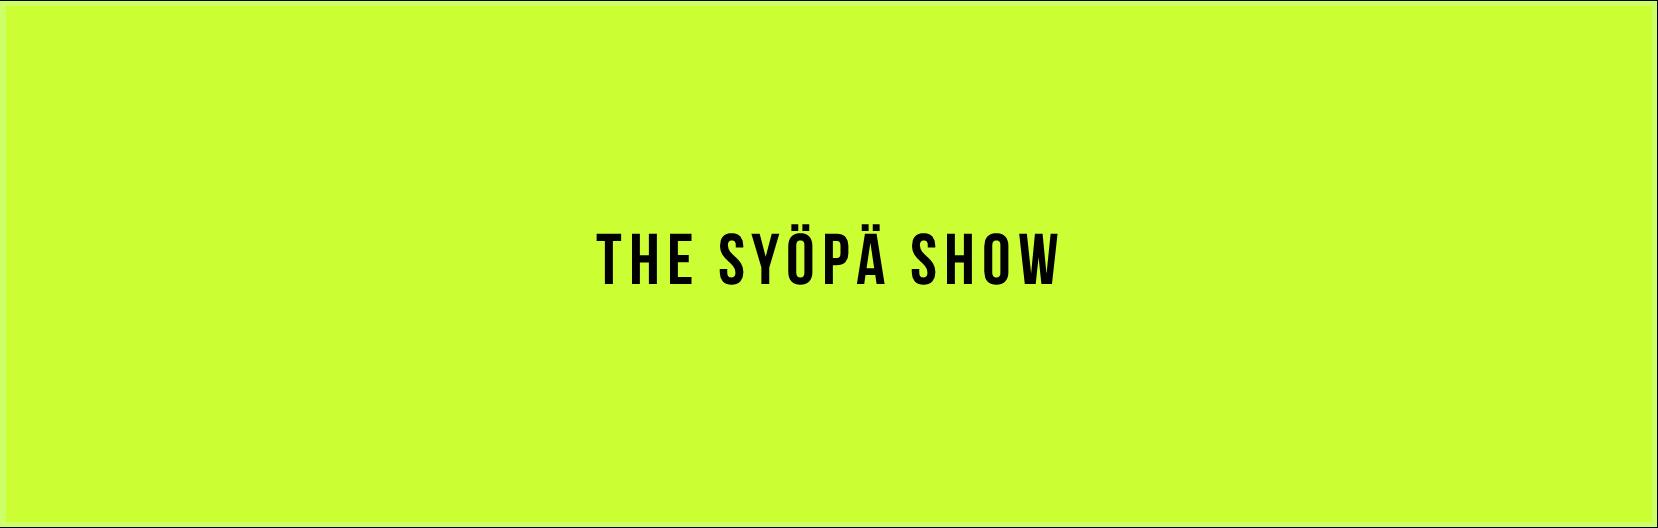 The Syöpä Show